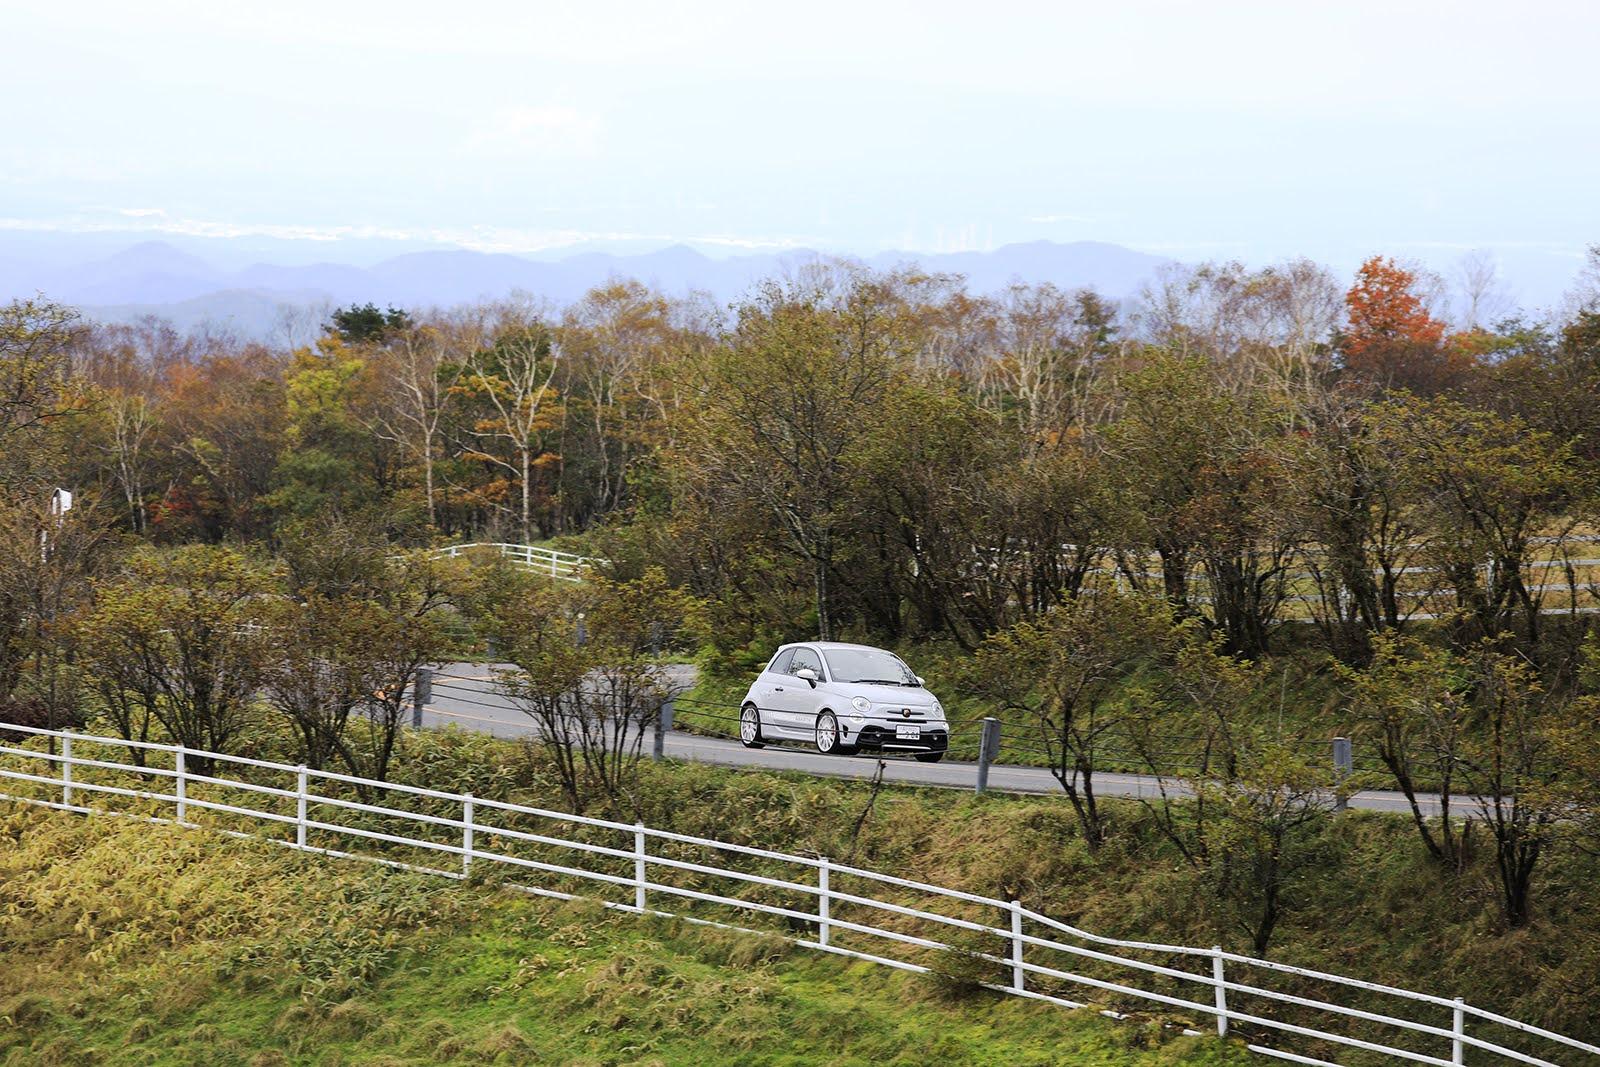 アバルトで走りたいドライブルート【紅葉狩りにもおすすめ 霧降高原道路(栃木県)】